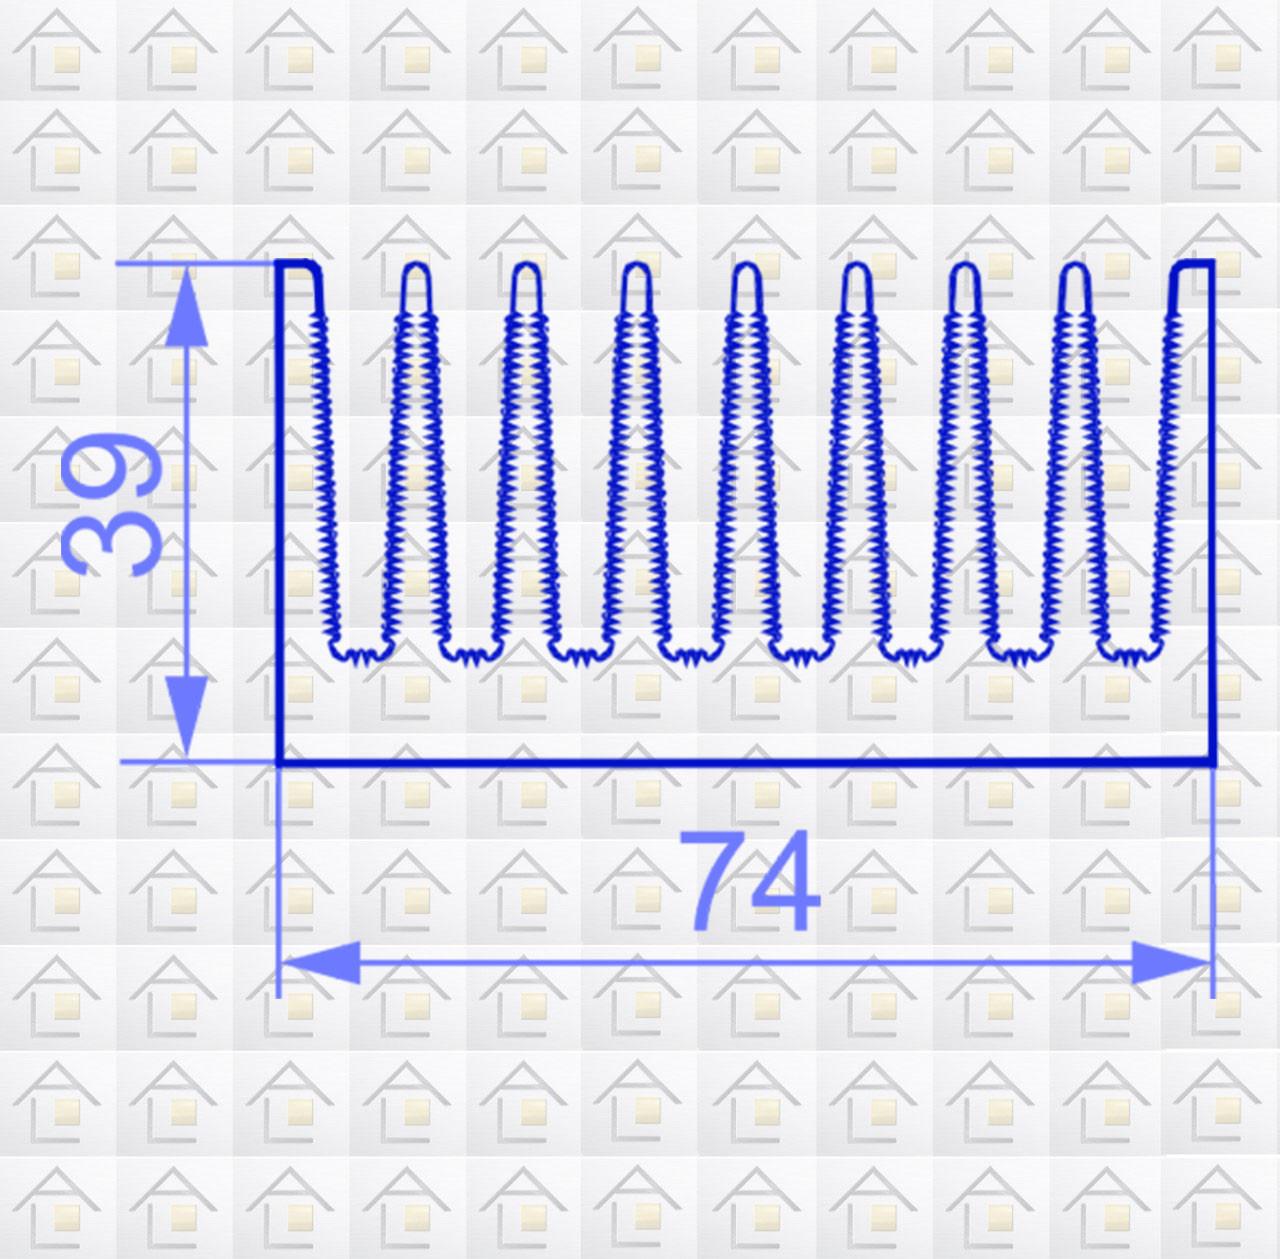 Радиаторный алюминиевый профиль 74х39 без покрытия (радиатор охлаждения)